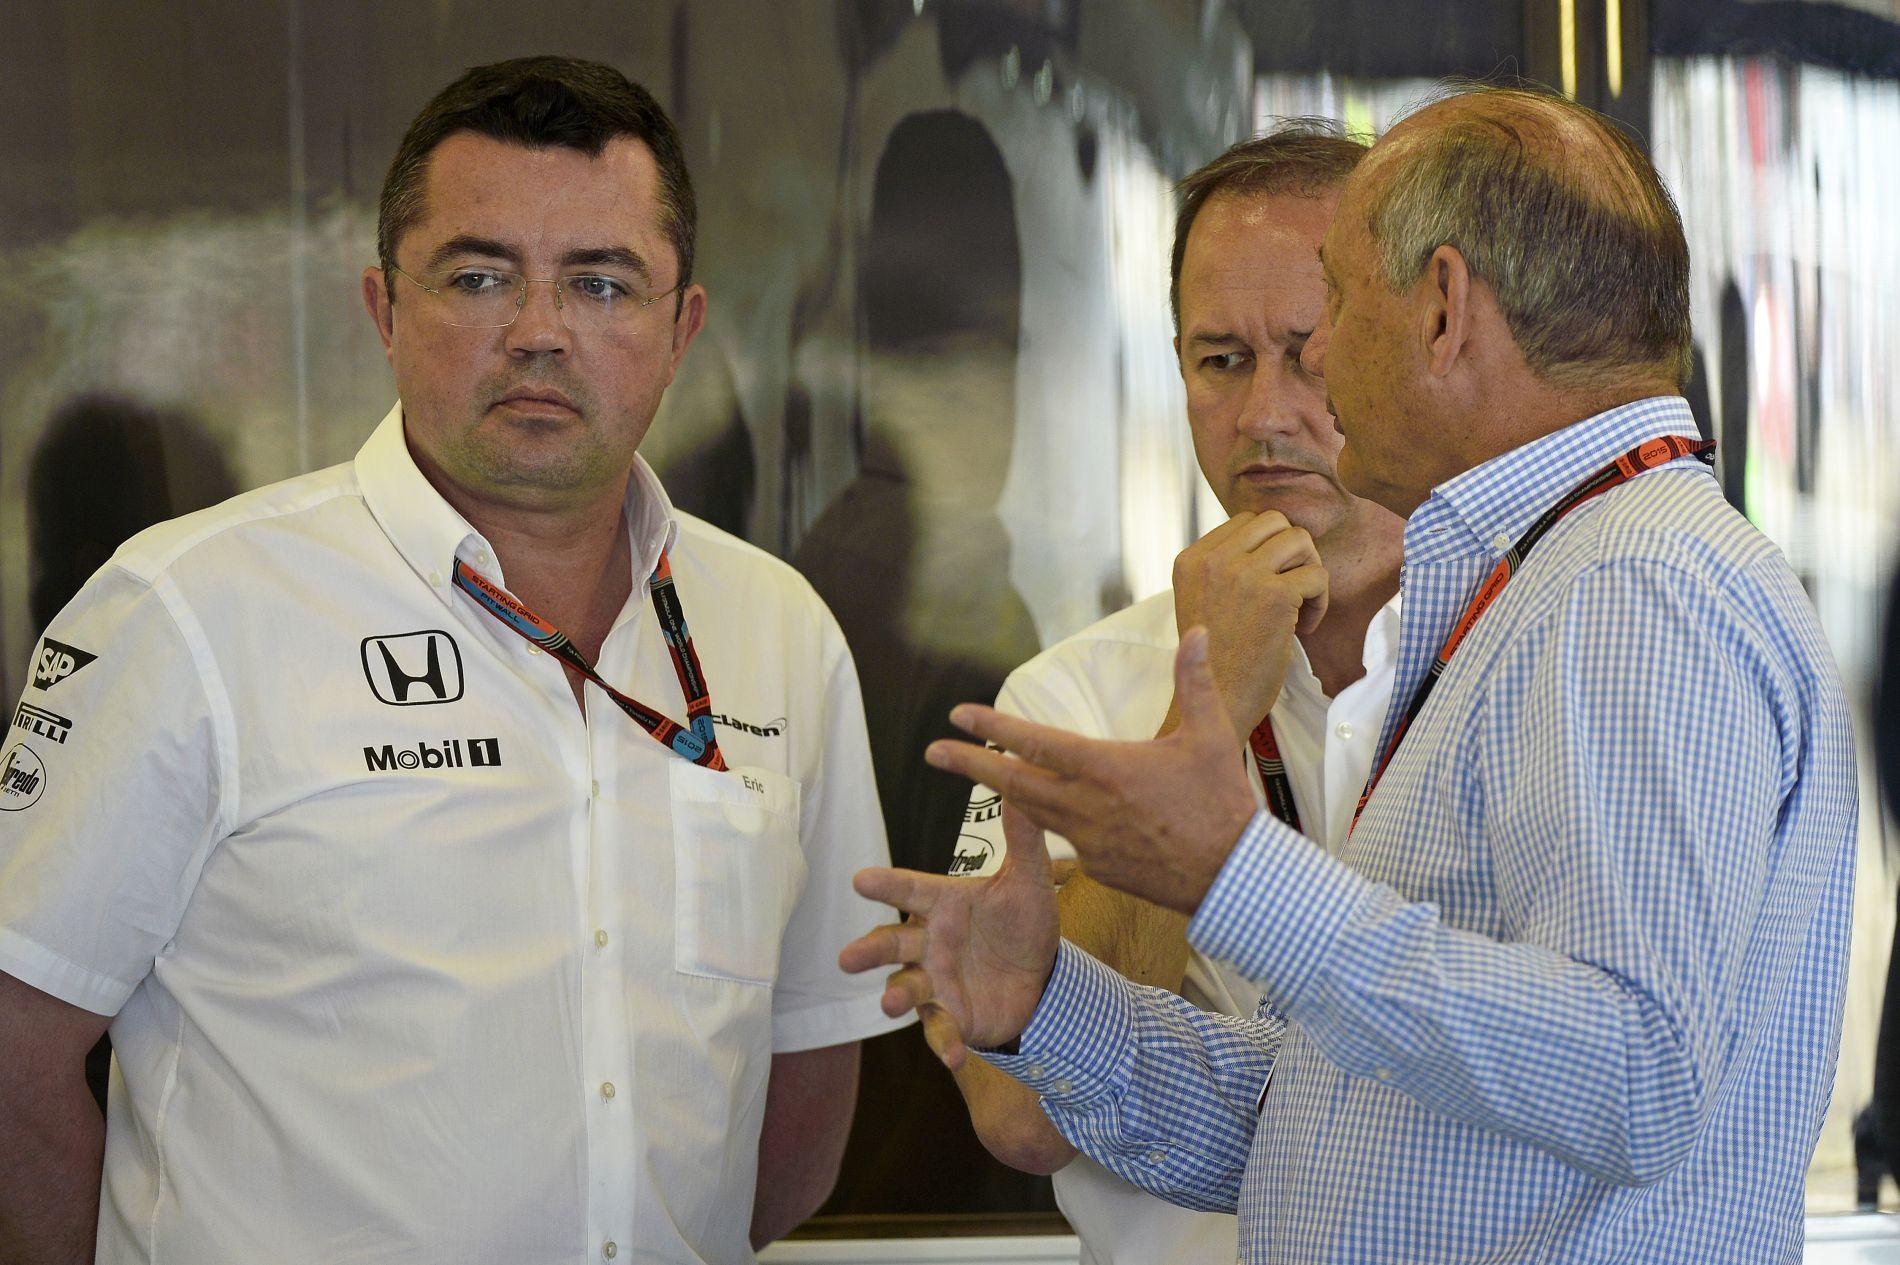 Motiváló erőként kell használni a fájdalmat a McLarennél: kereskedelmileg is árt a helyzet